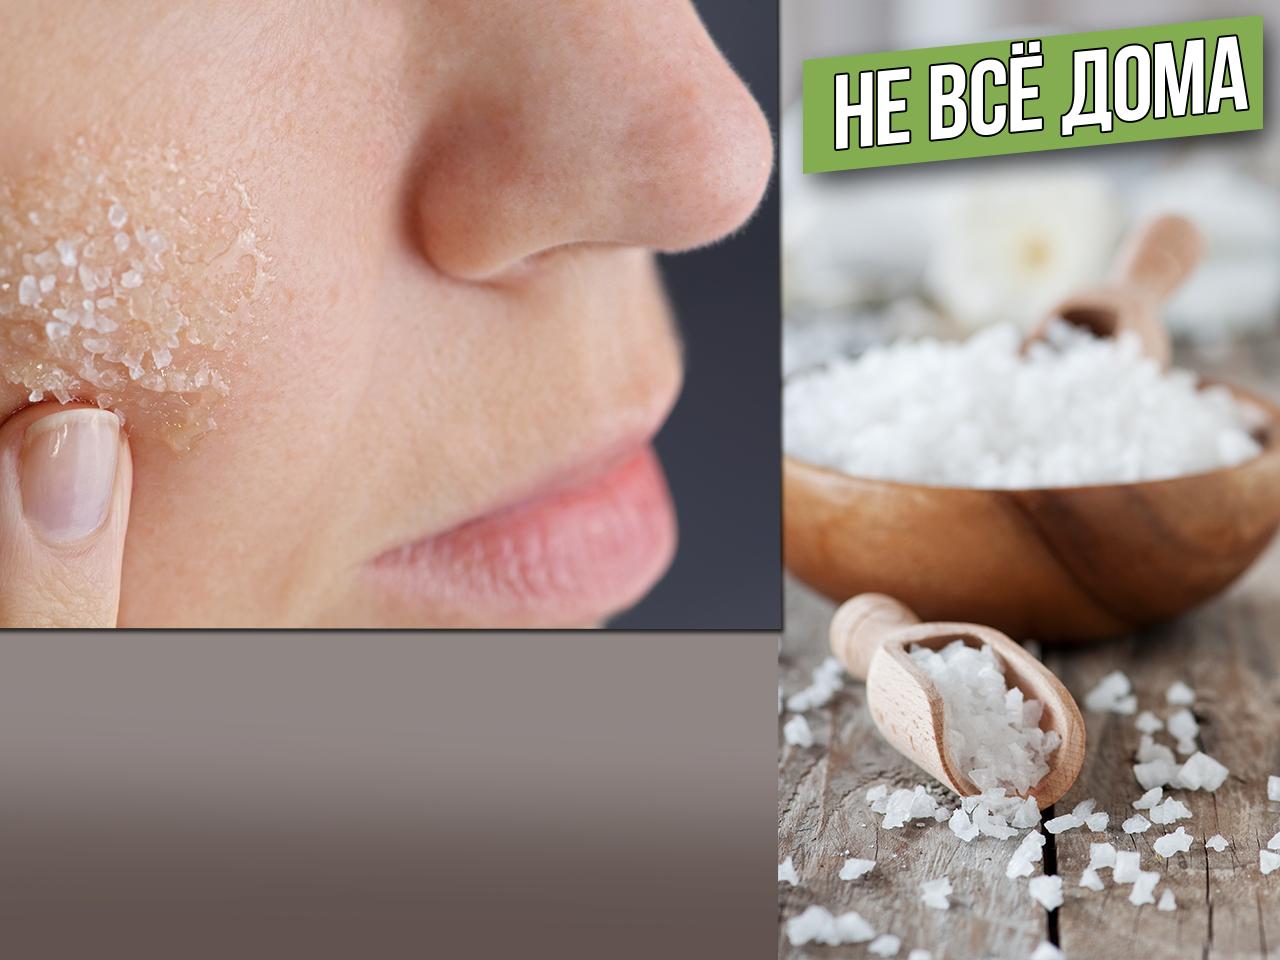 Пищевая соль вместо скраба: почему популярный способ очищения кожи стоит оставить в прошлом